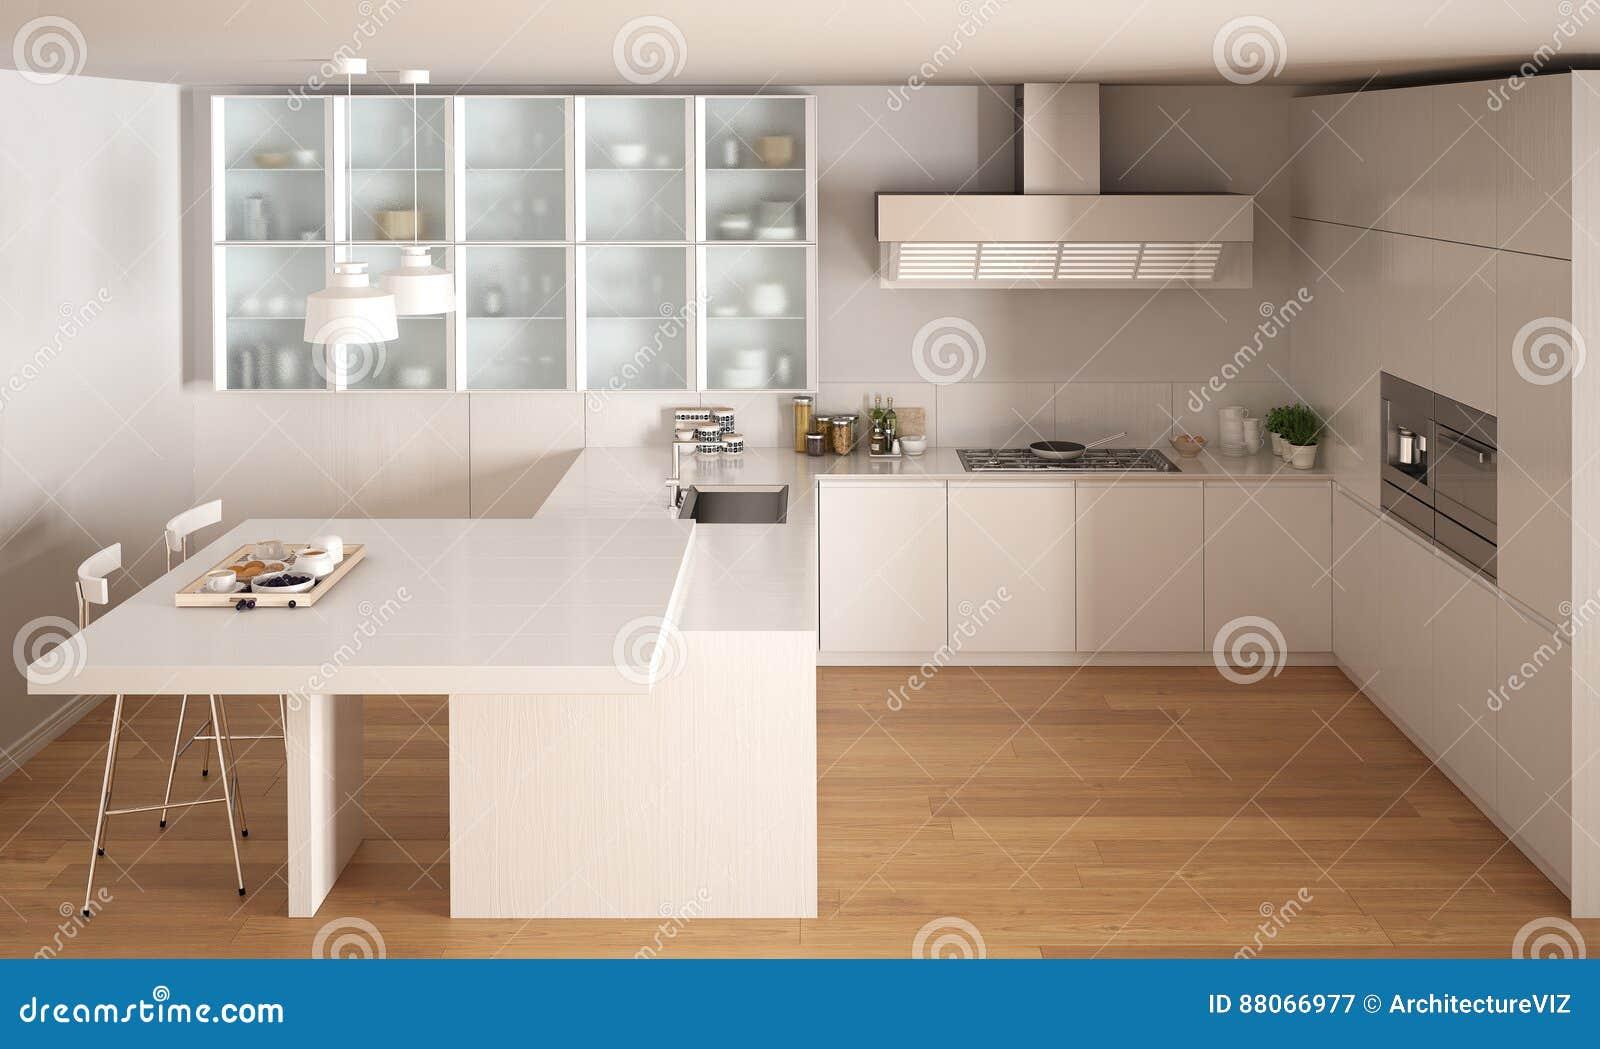 Cuisine blanche minimale classique avec le plancher de parquet interio moderne illustration for Cuisine blanche classique